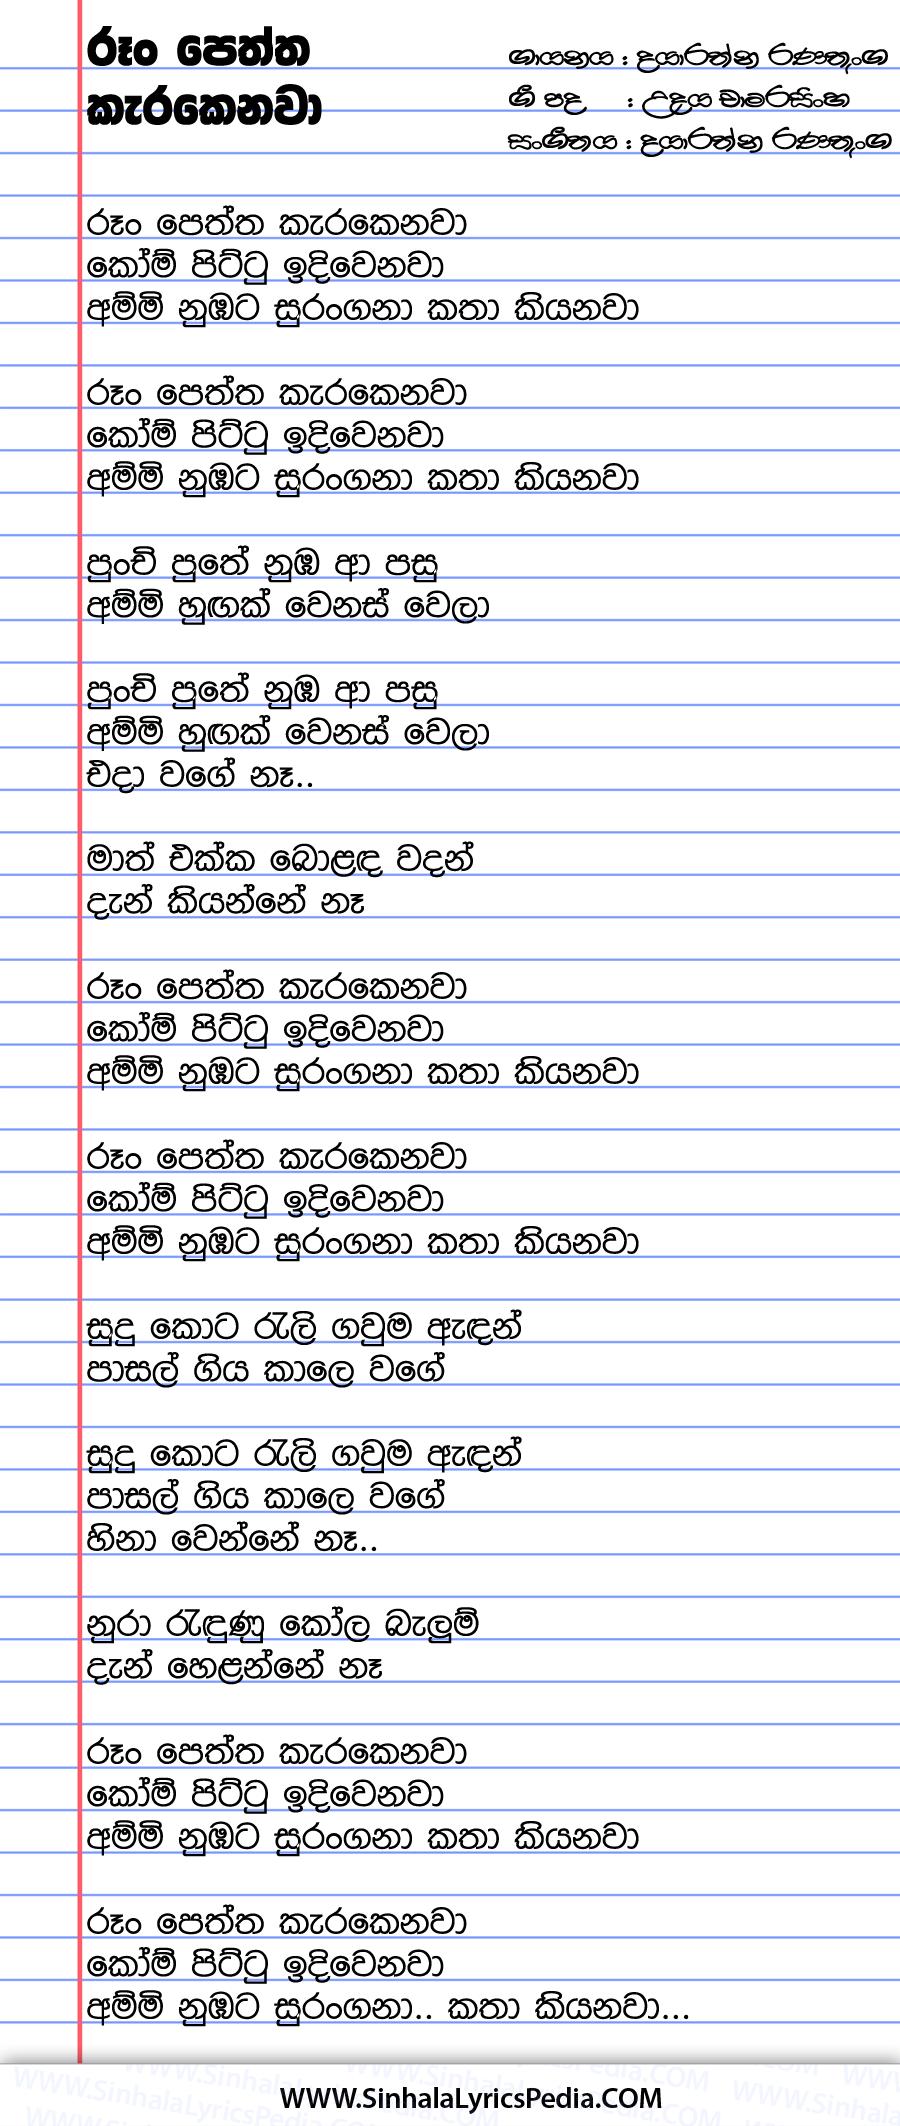 Roon Peththa Karakenawa Song Lyrics